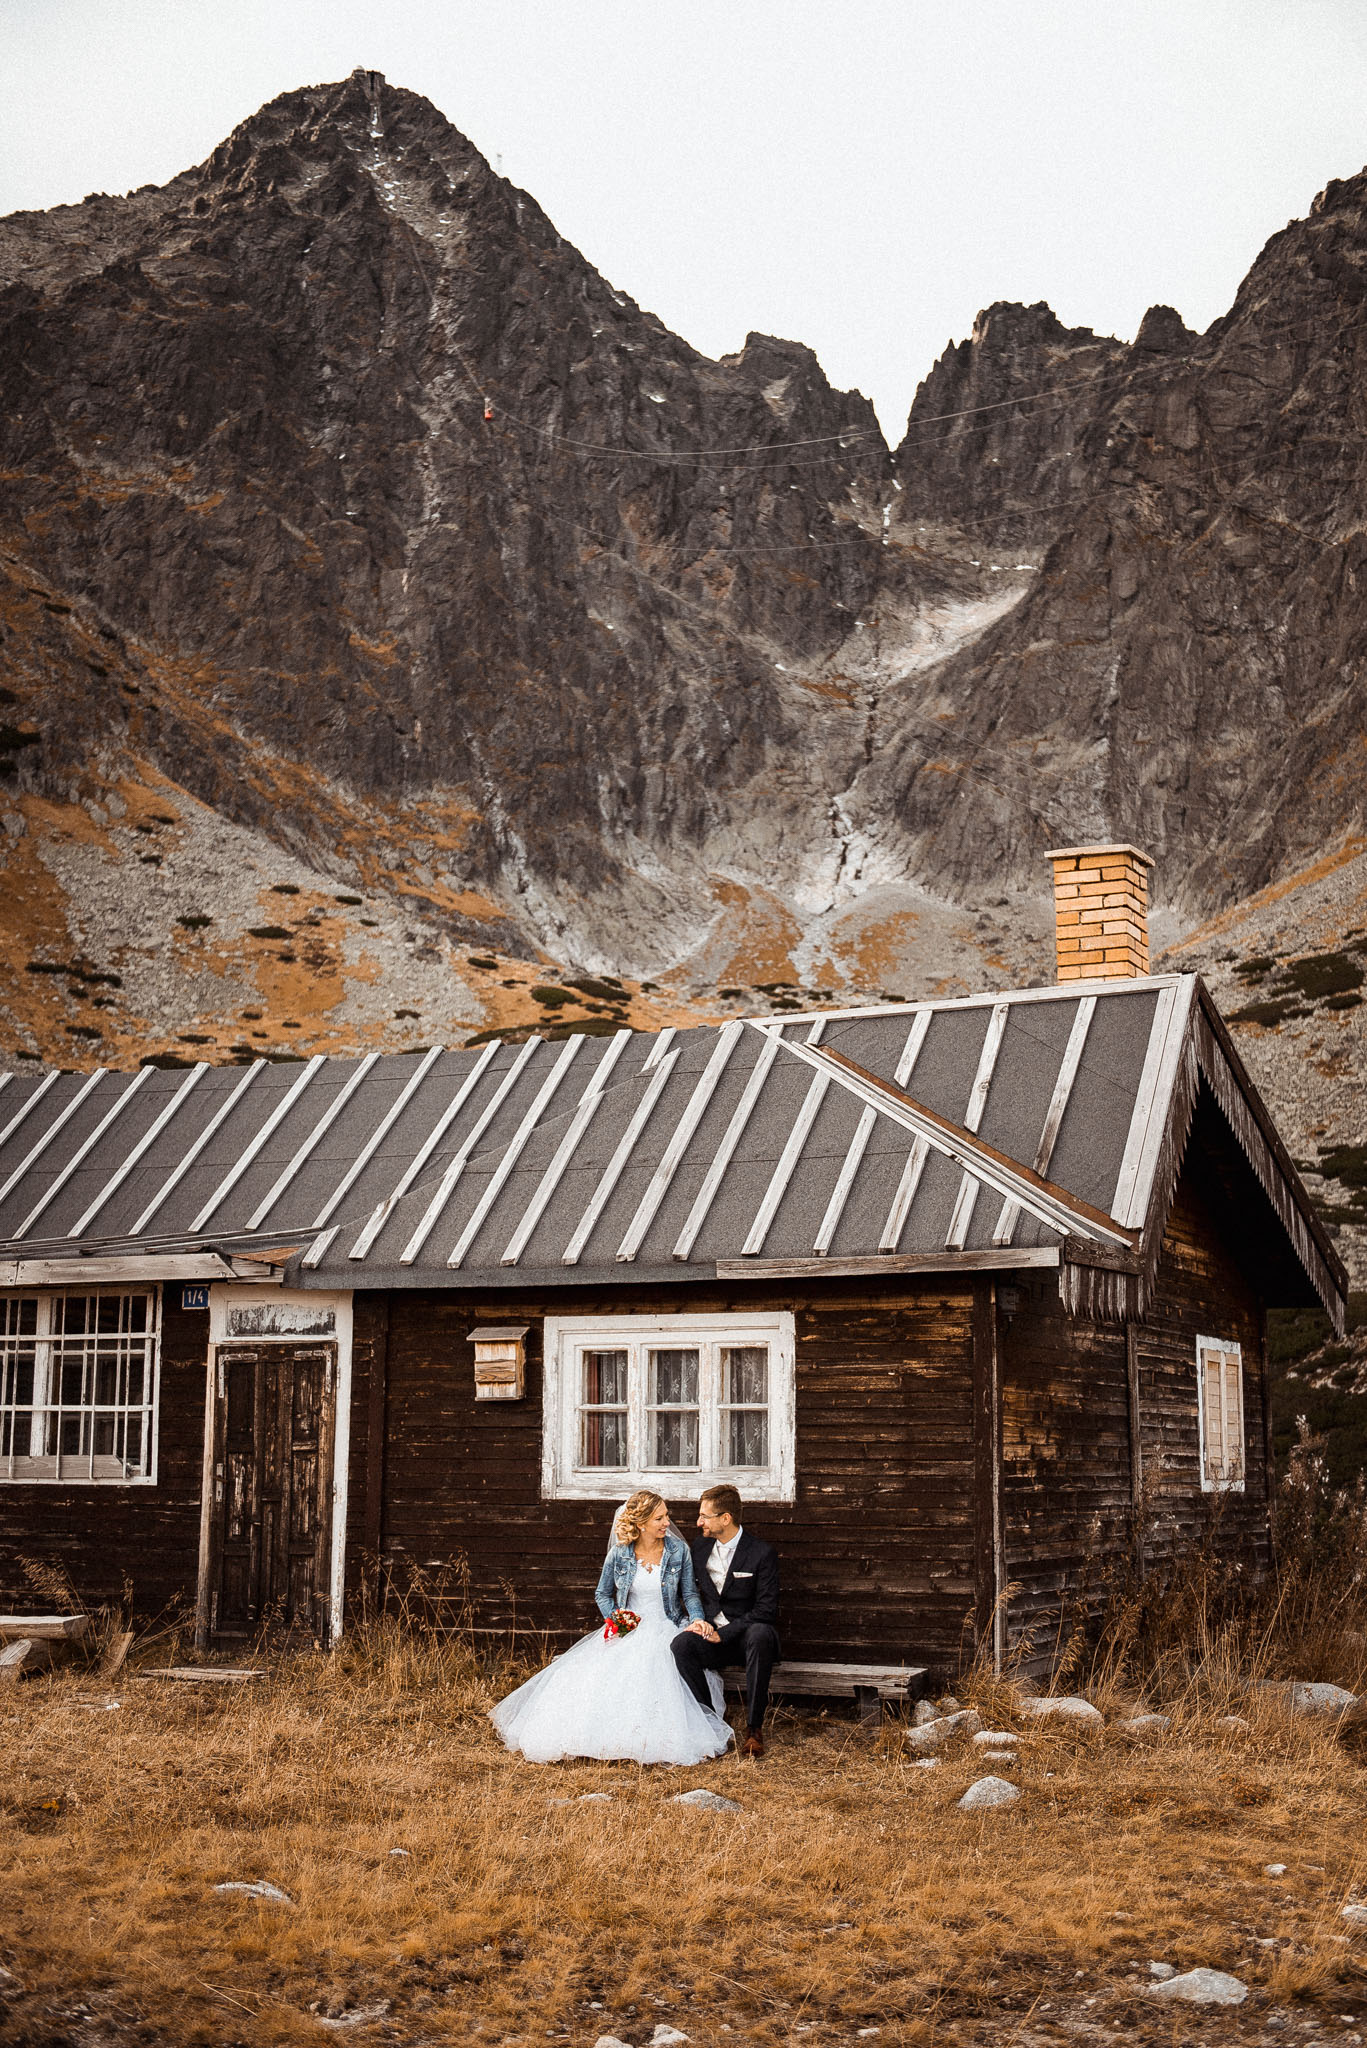 Vysoké Tatry, Skalnaté pleso, Lomnický štít, chata, pár, svadba, ženích, nevesta, láska, úsmev, šťastie, radosť, bozk, príroda, skaly, hory